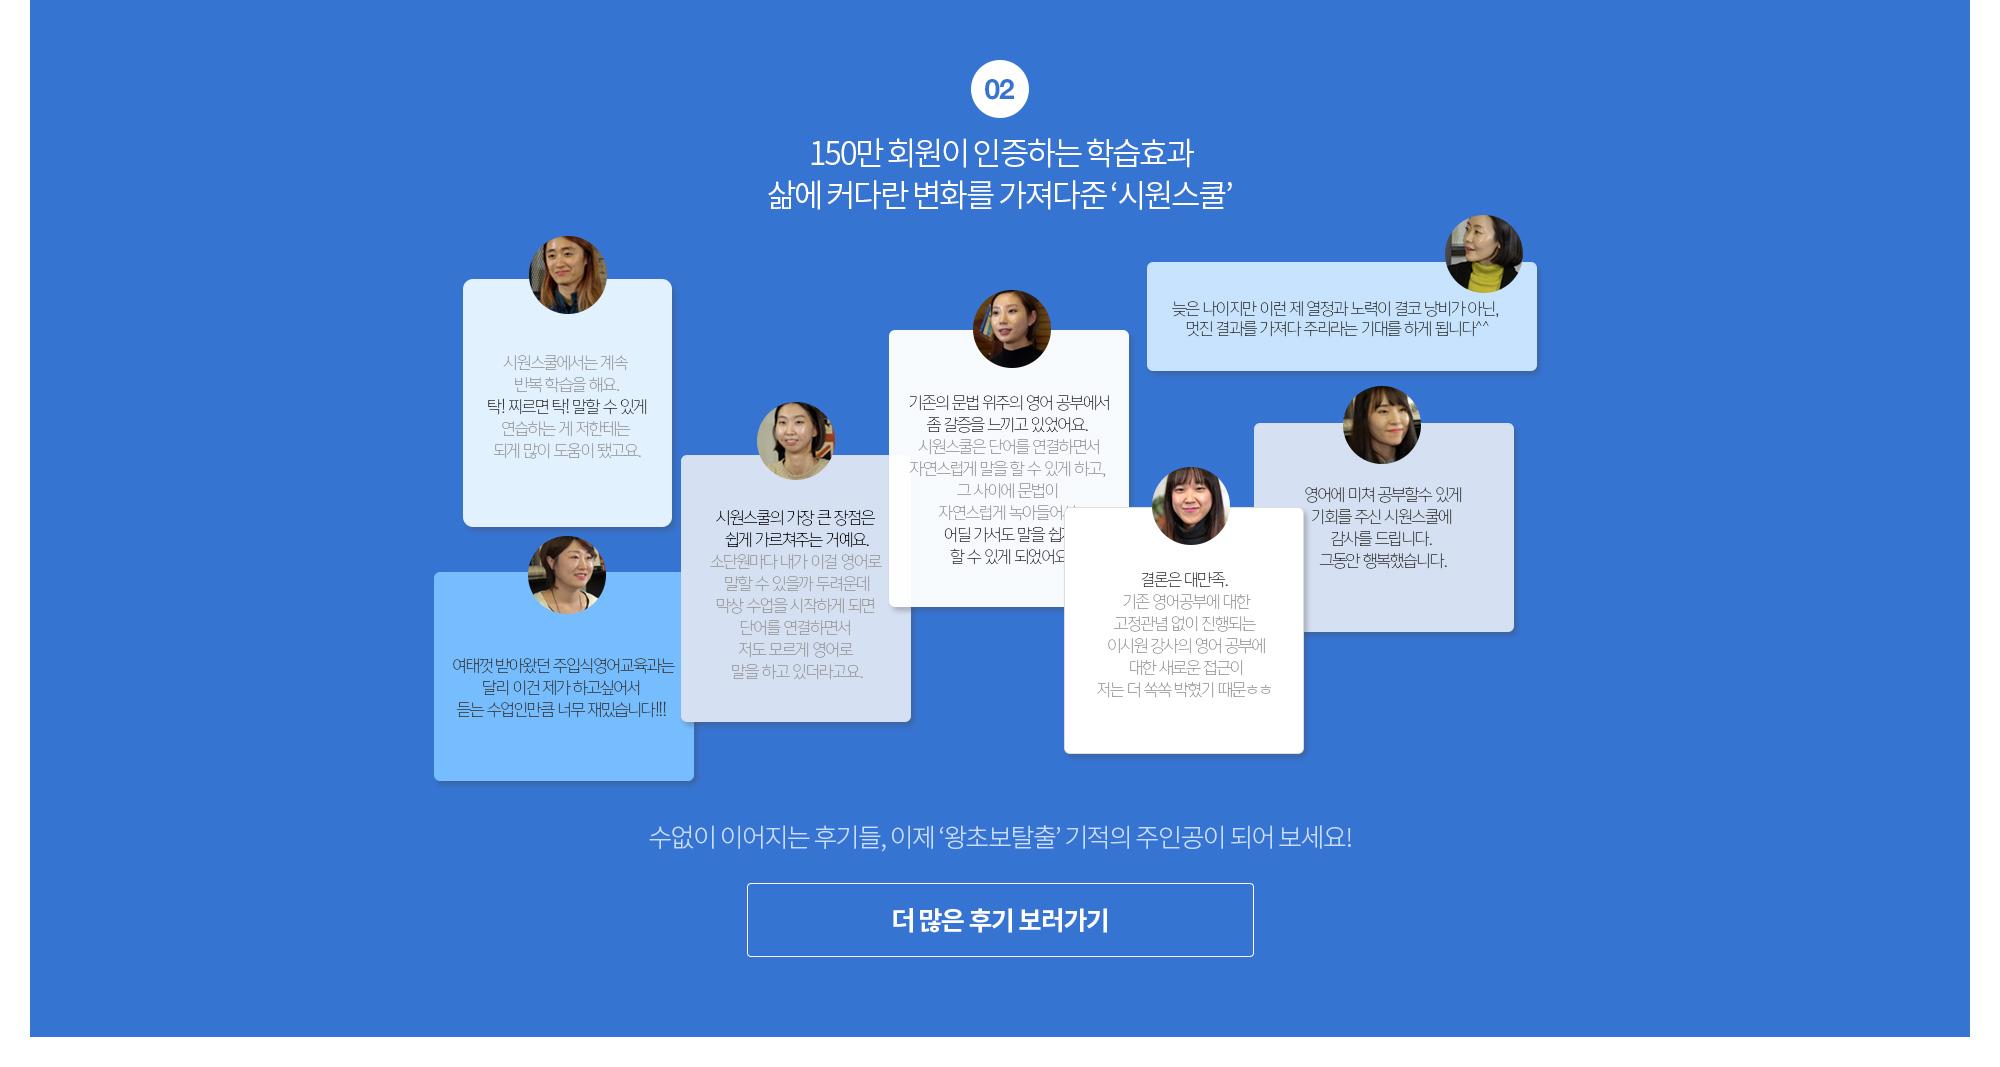 150만 회원이 인증하는 학습효과 삶에 커다란 변화를 가져다준 '시원스쿨'